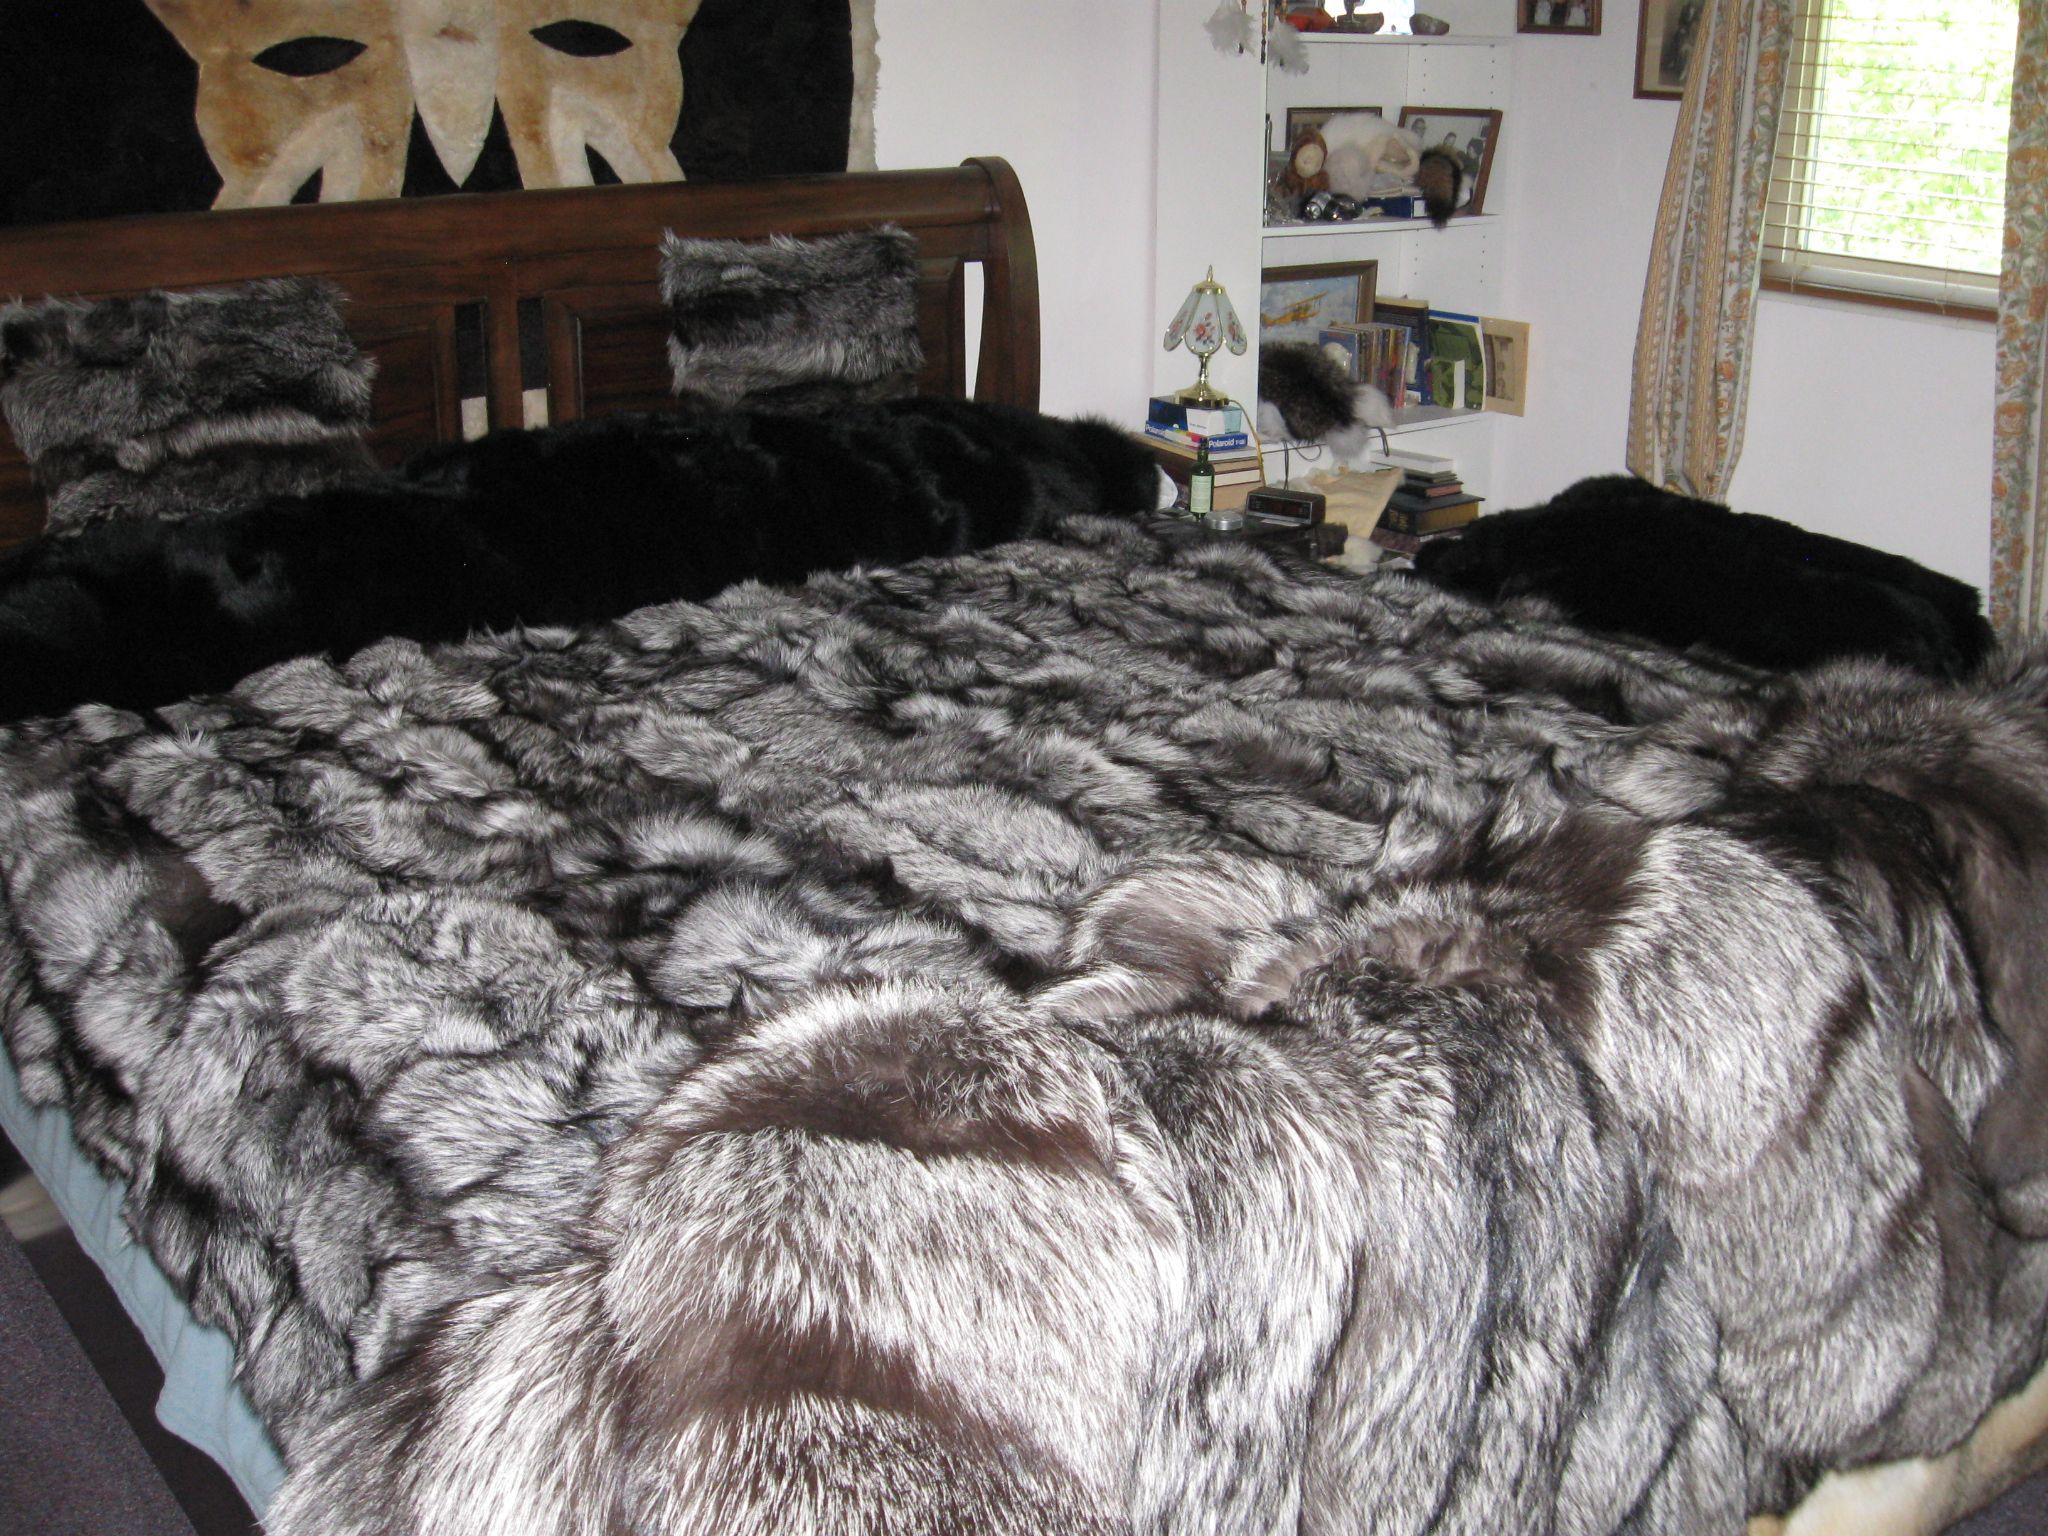 Furbob S New Silver Fox Blanket Literie Chic Couverture Fourrure Dessus De Lit